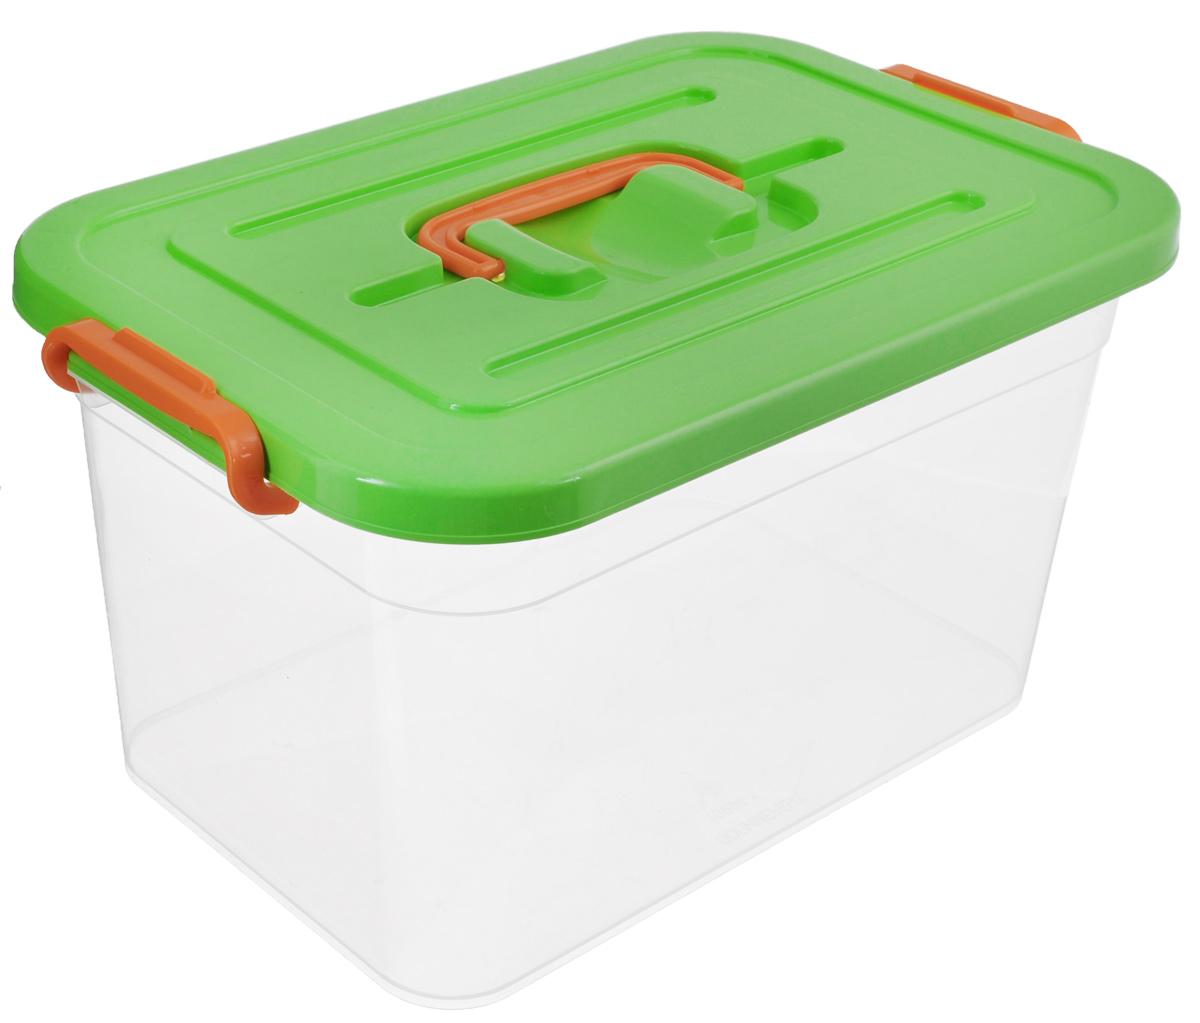 Контейнер для хранения Полимербыт, цвет: прозрачный, салатовый, 10 л12723Контейнер для хранения Полимербыт выполнен из высококачественного полипропилена. Изделие снабжено удобной ручкой и двумя фиксаторами по бокам, придающими дополнительную надежность закрывания крышки. Вместительный контейнер позволит сохранить различные нужные вещи в порядке, а герметичная крышка предотвратит случайное открывание, а также защитит содержимое от пыли и грязи.